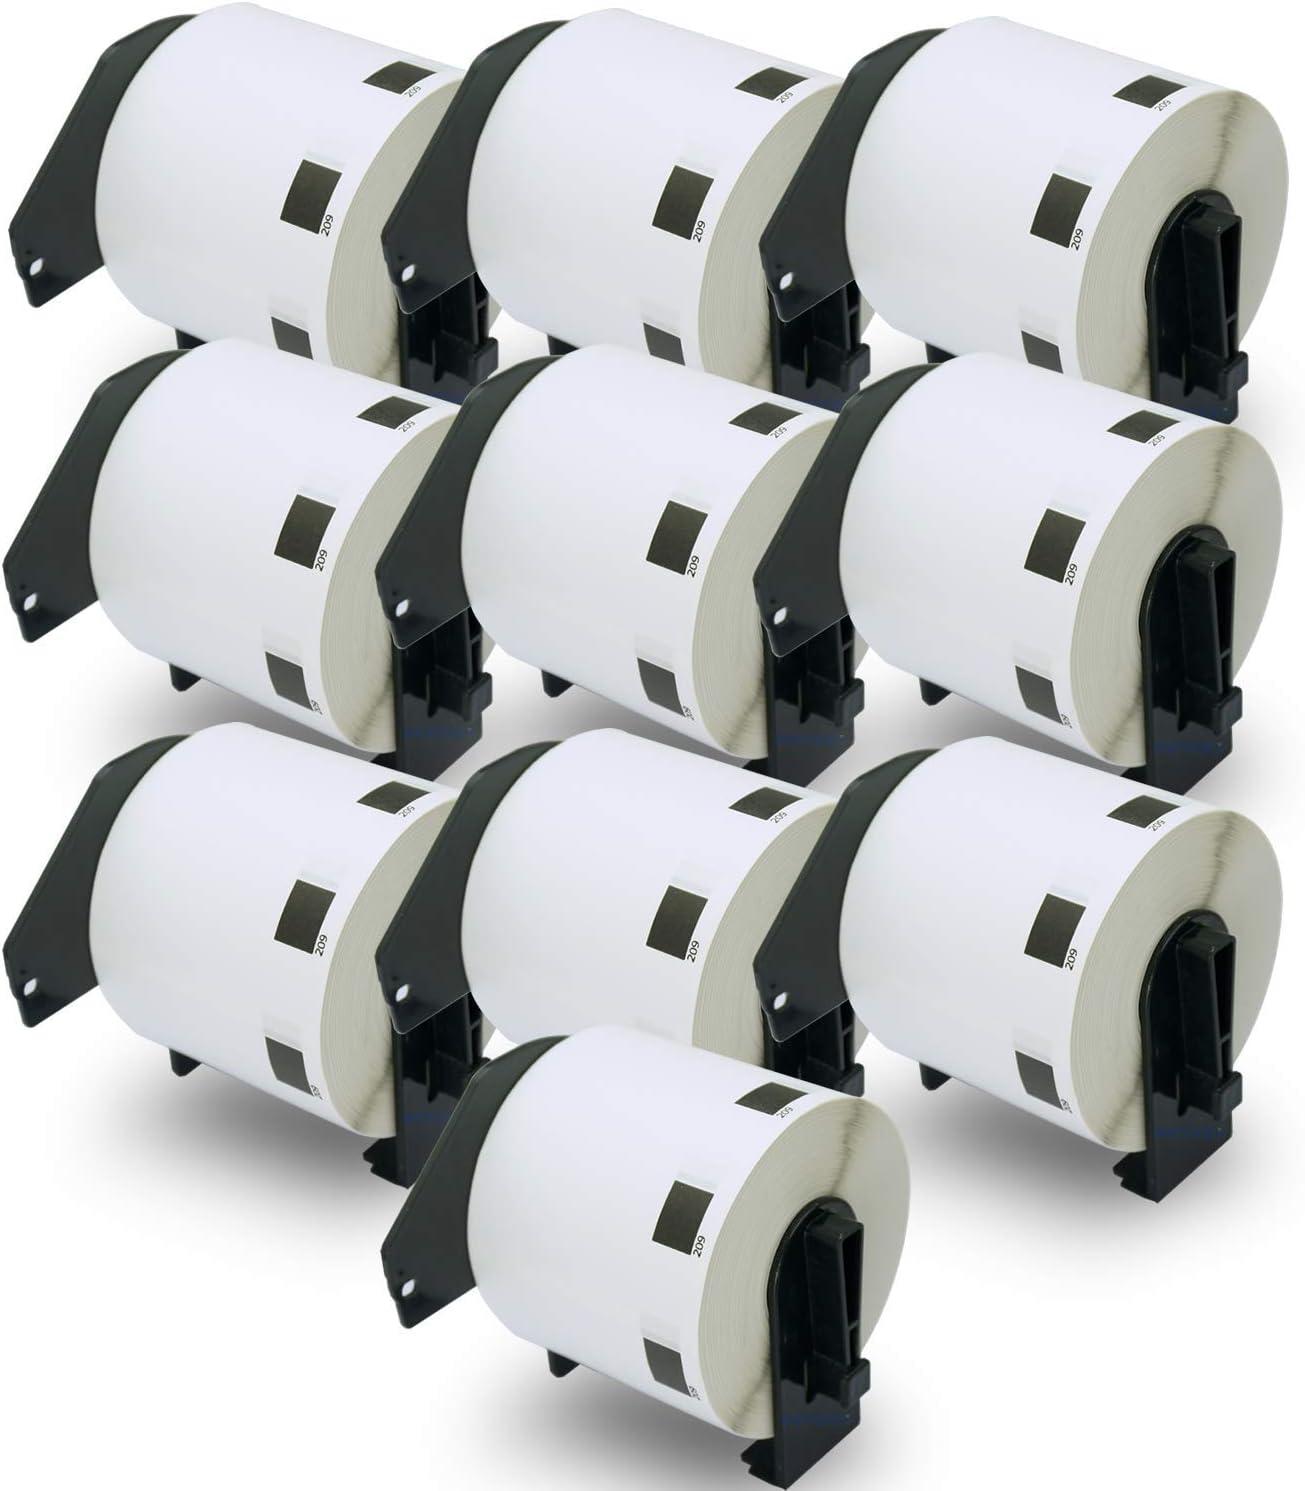 29mm x 90mm Squuido 10 rollos DK-11201 DK11201 Etiquetas compatibles para Brother P-Touch QL-500 QL-550 QL-560 QL-570 QL-580 QL-700 QL-800 QL-810W QL-820NWB QL-1100 1110NWB 400 Etiquetas por Rollo